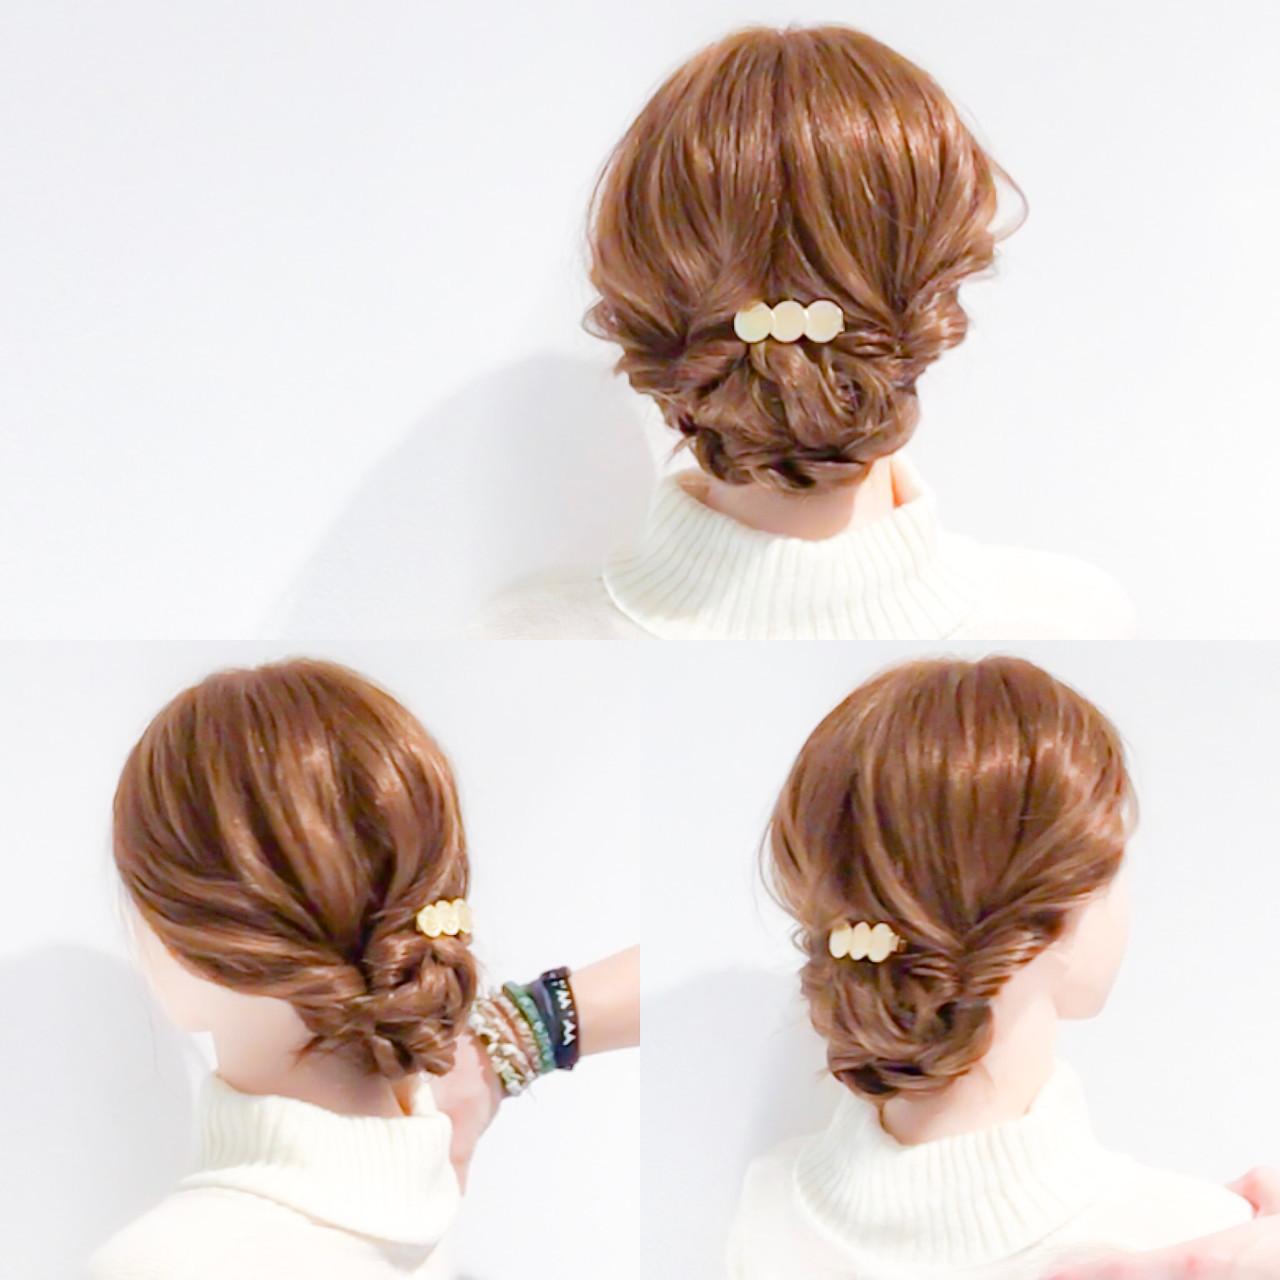 結婚式 アップスタイル デート ヘアアレンジ ヘアスタイルや髪型の写真・画像